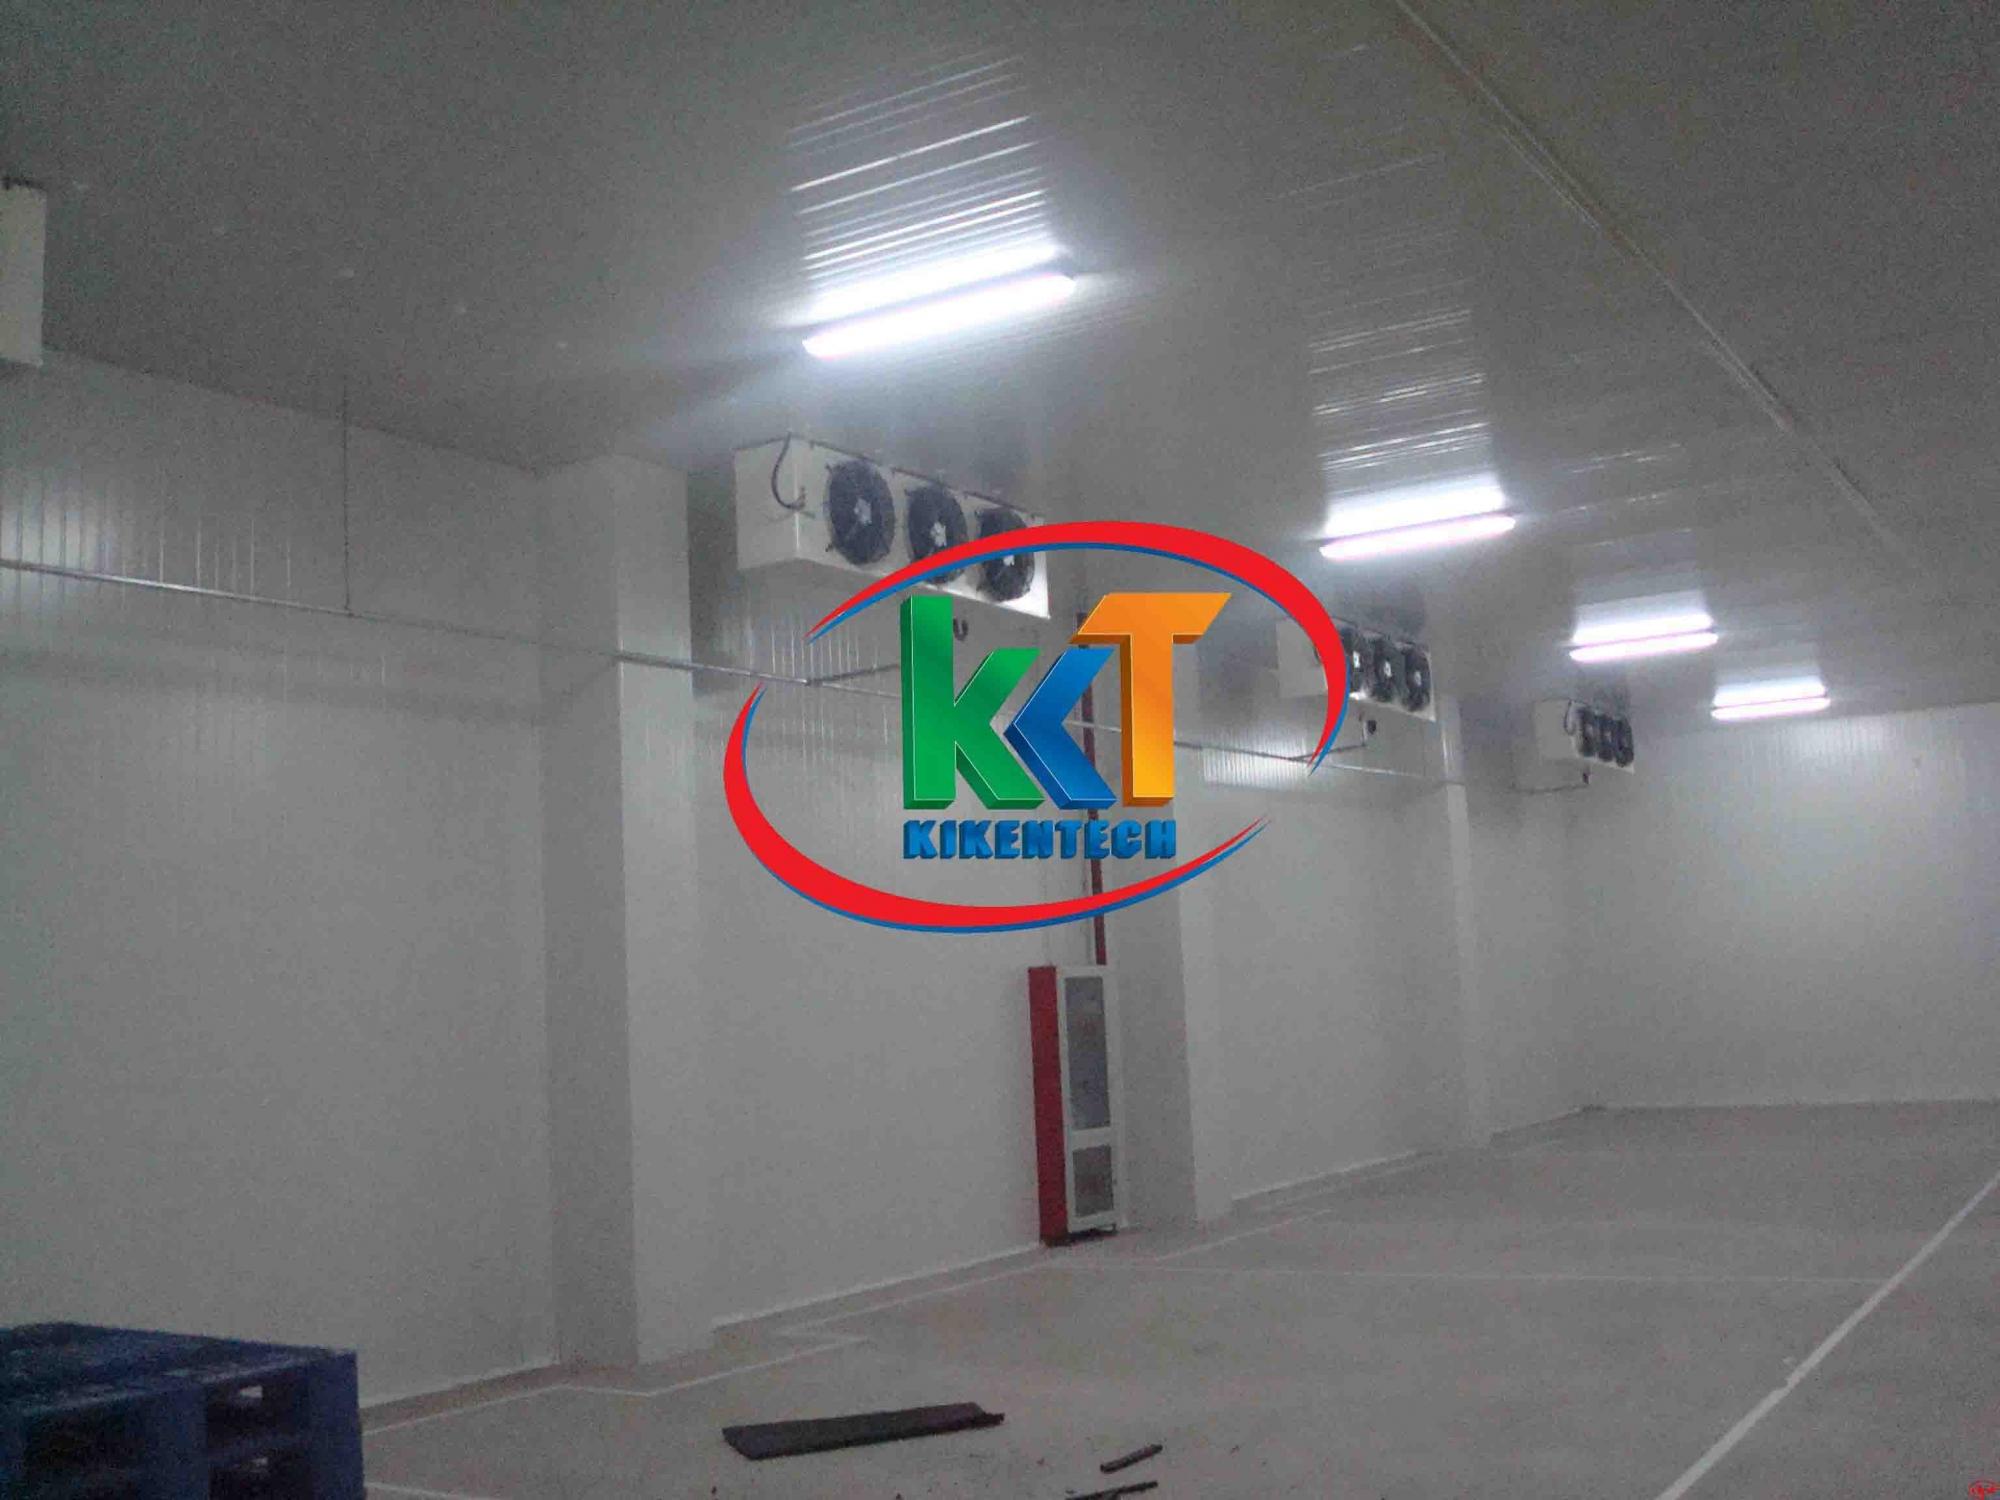 Kikentech là đơn vị chuyên nhận dịch vụ lắp đặt kho lạnh bảo quản uy tín chất lượng được mọi người đánh giá nhất Việt Nam. Lắp đặt kho lạnh uy tín hiệu quả.